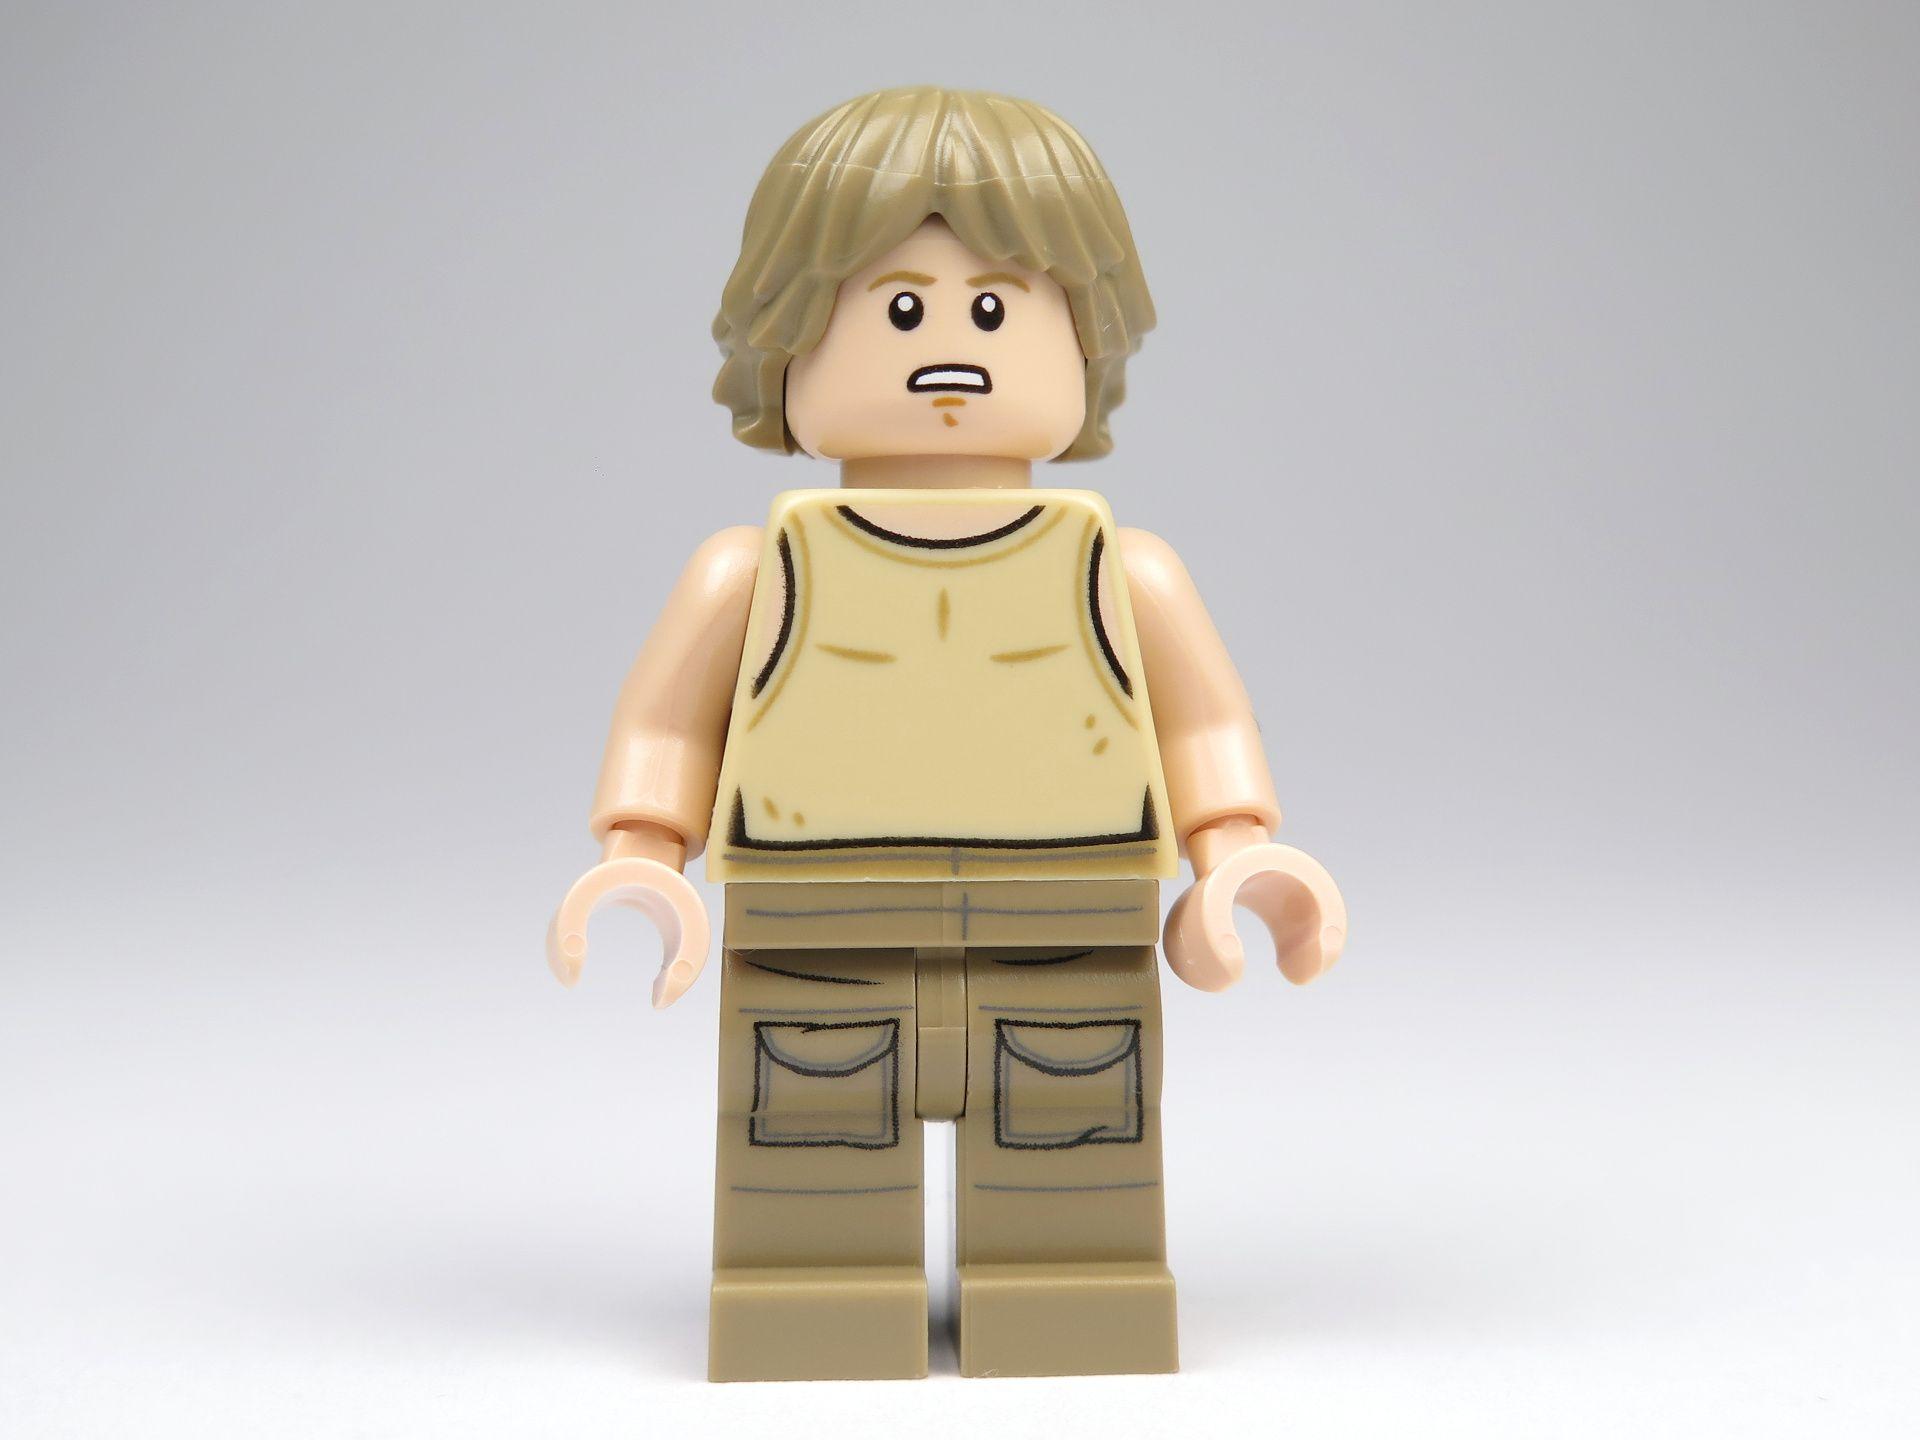 Charmant Star Wars Bilder Zum Freien Drucken Bilder - Druckbare ...